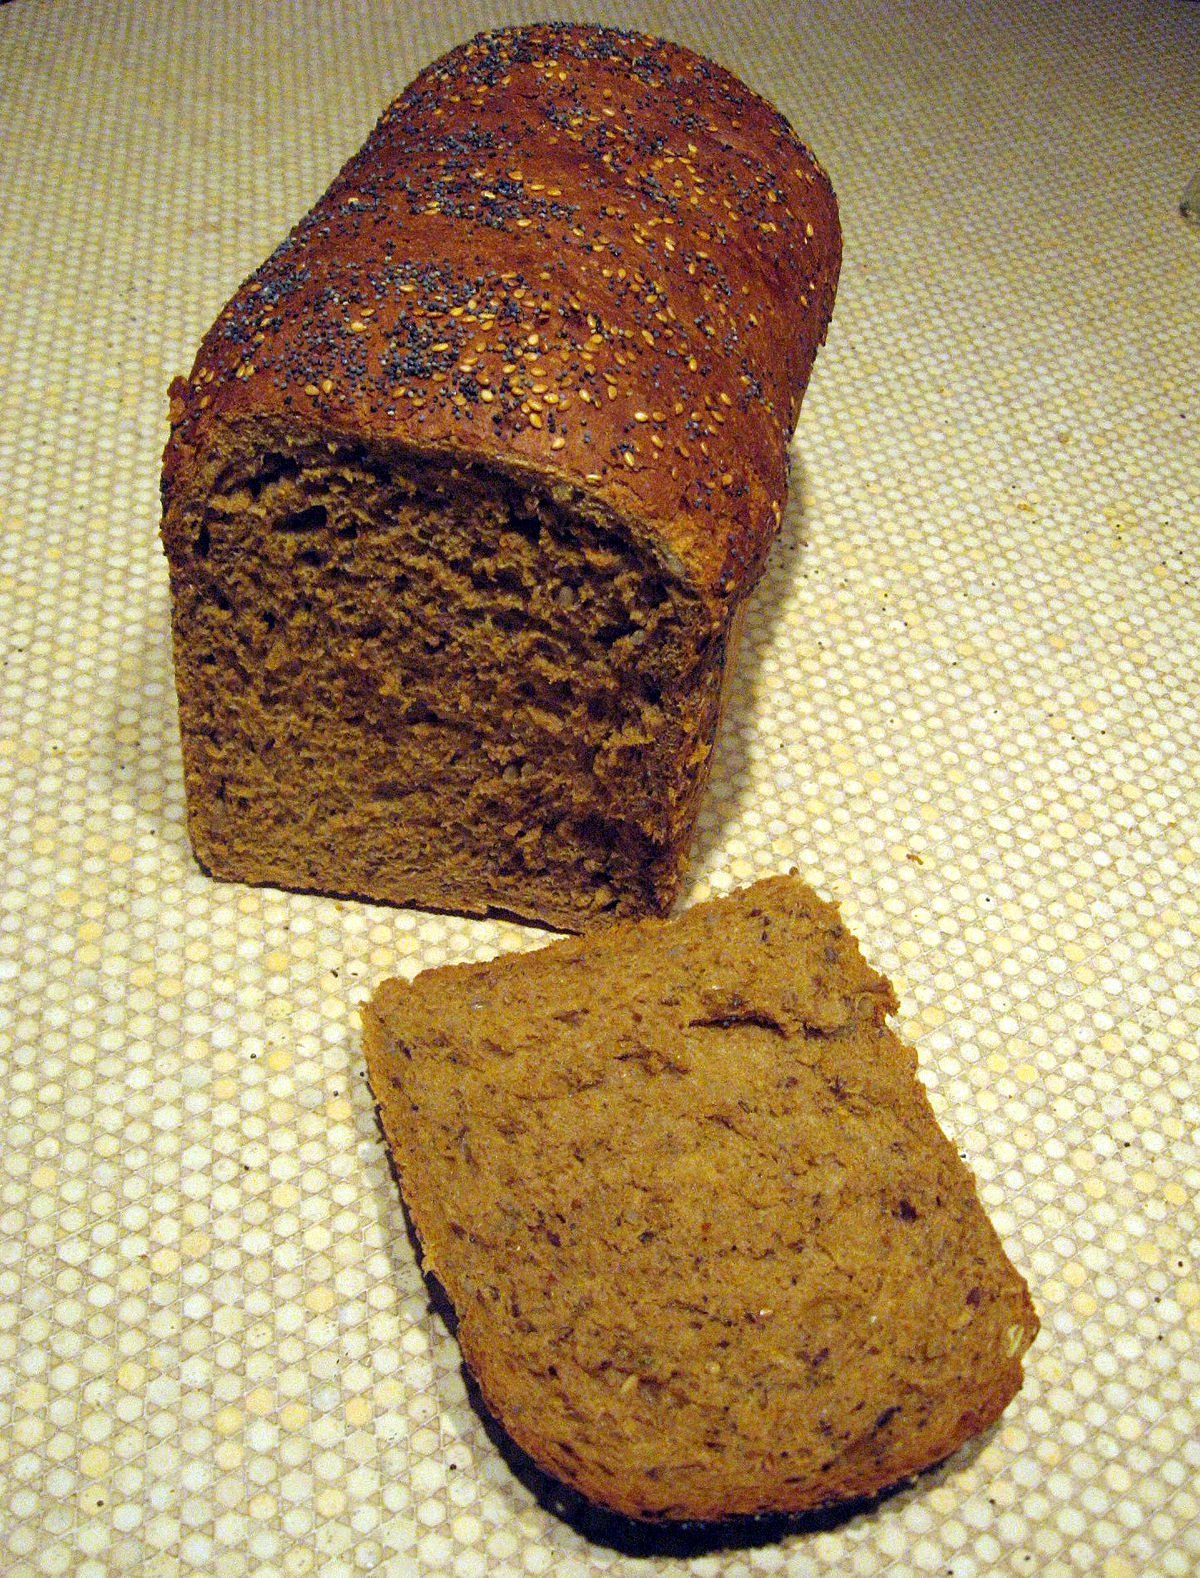 Multigrain bread - Wikipedia